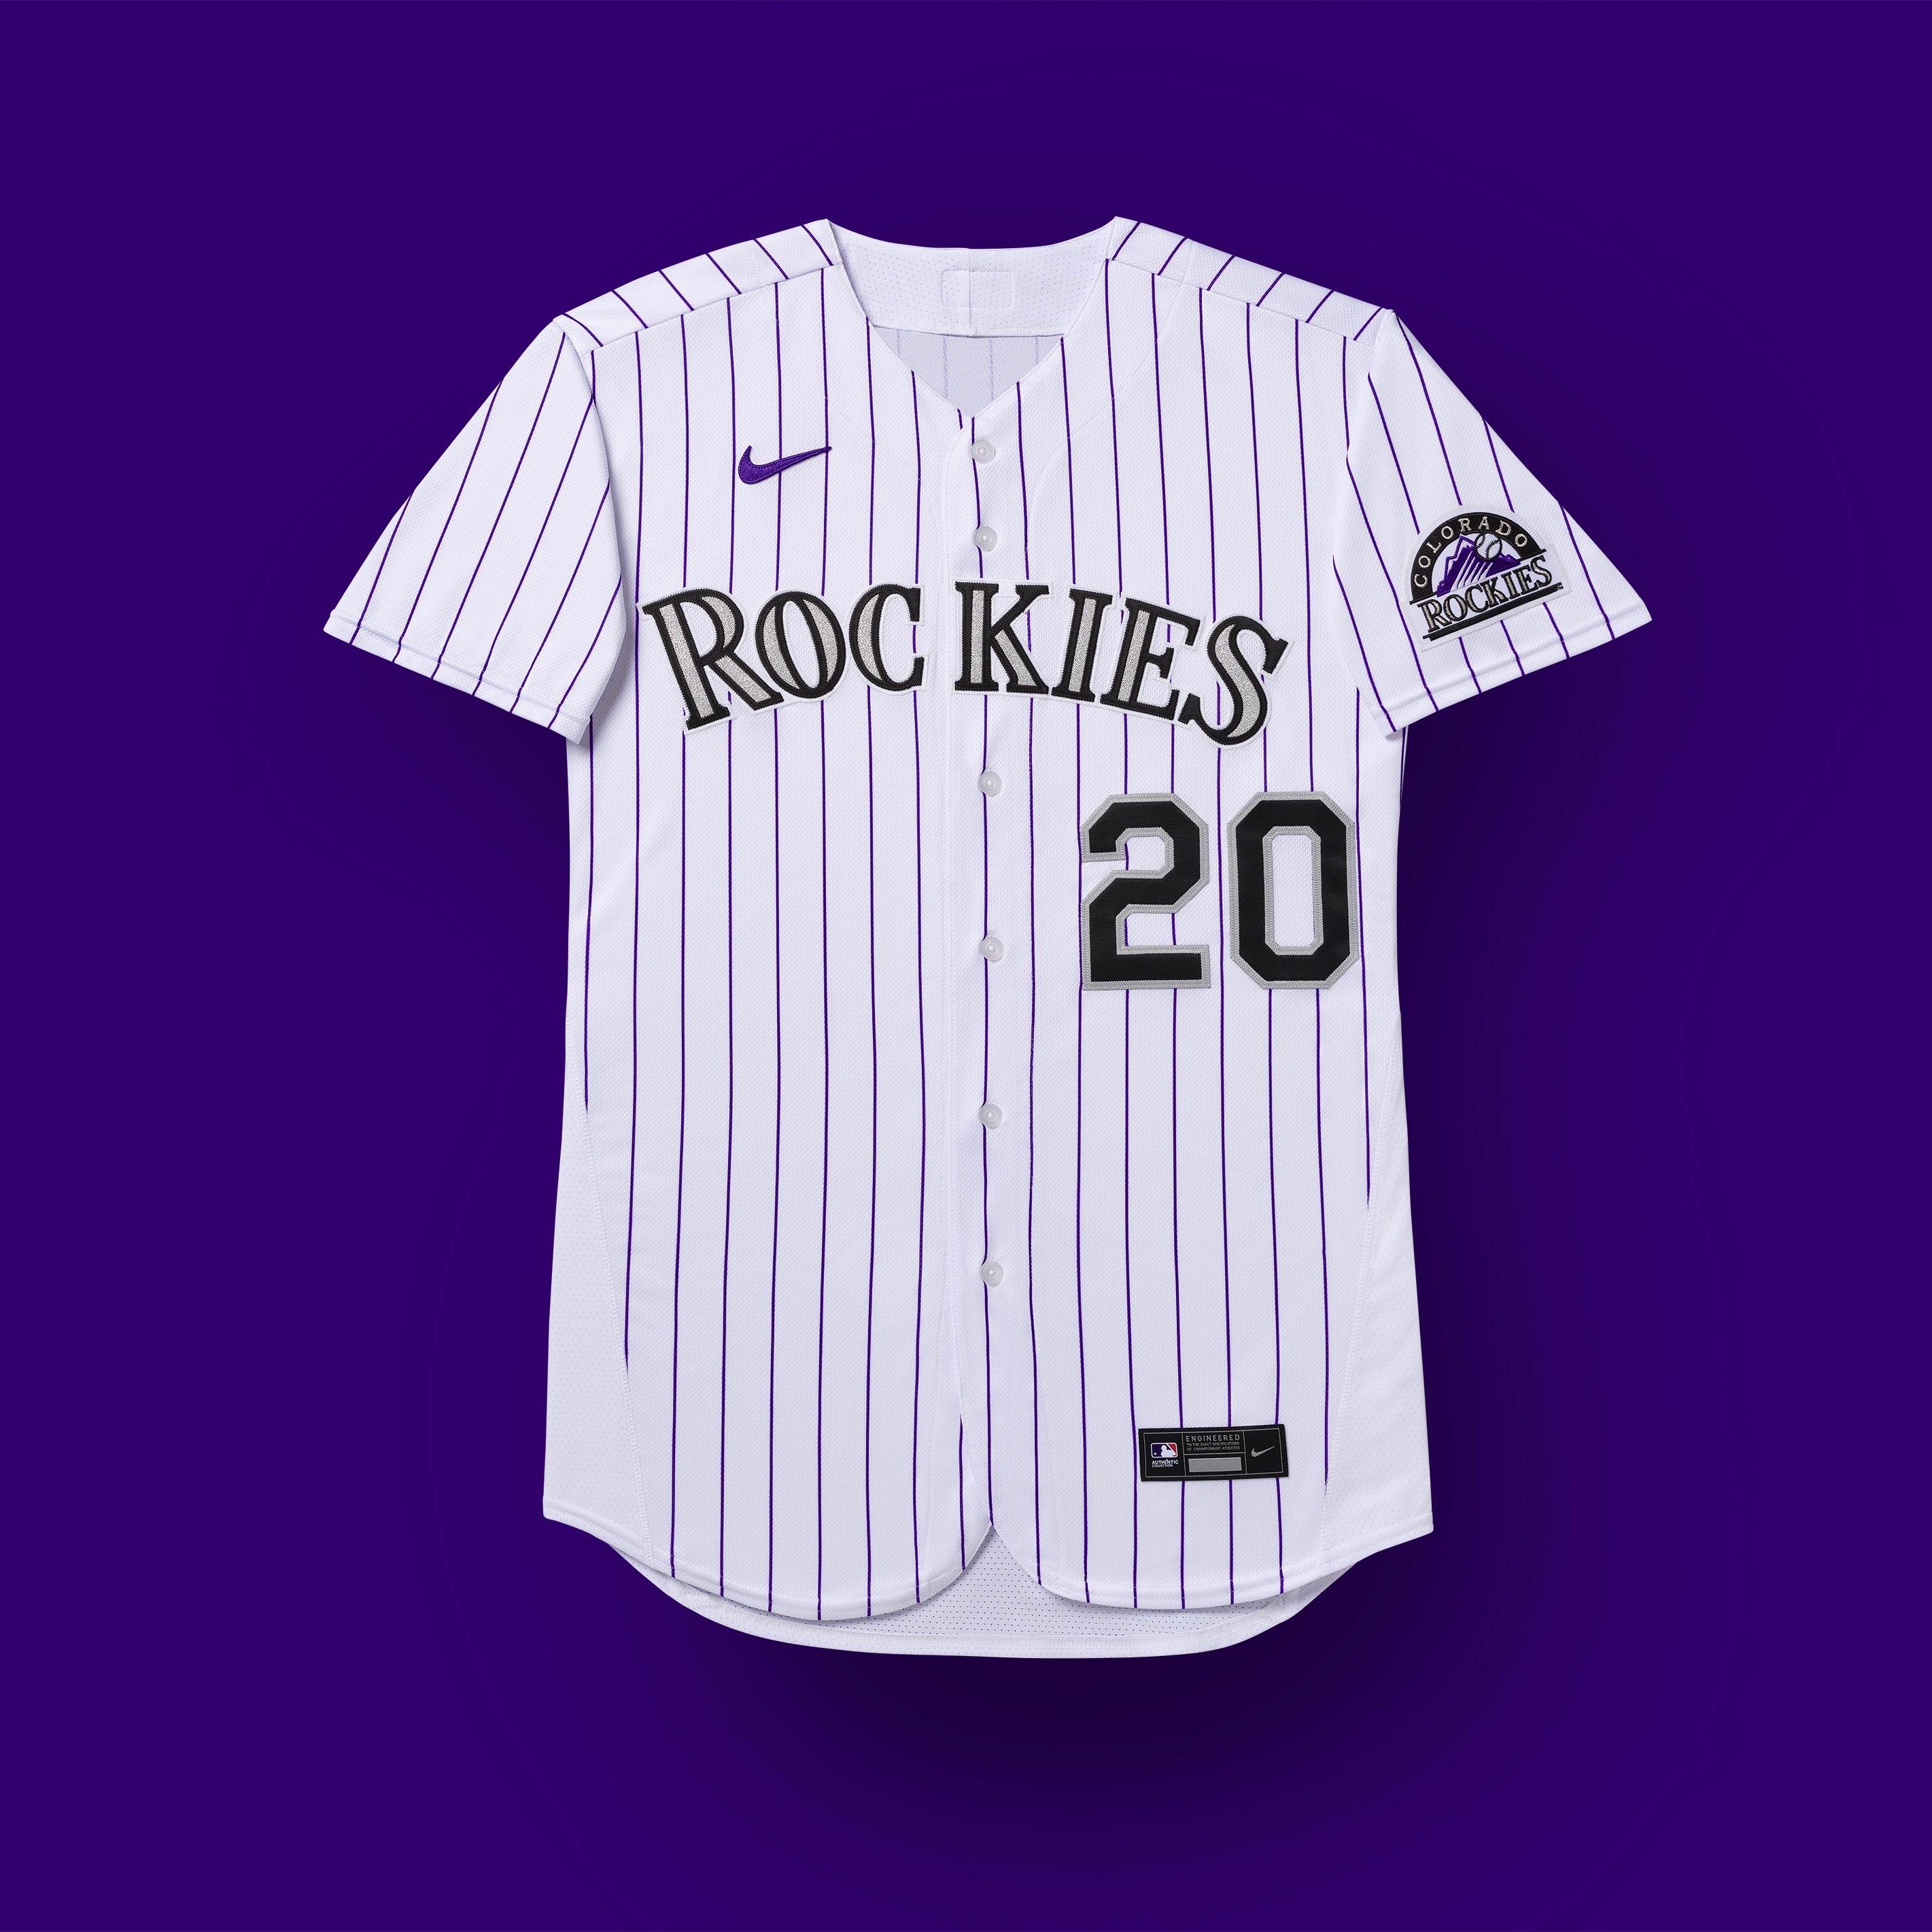 Colorado Rockies 2020 uniformes